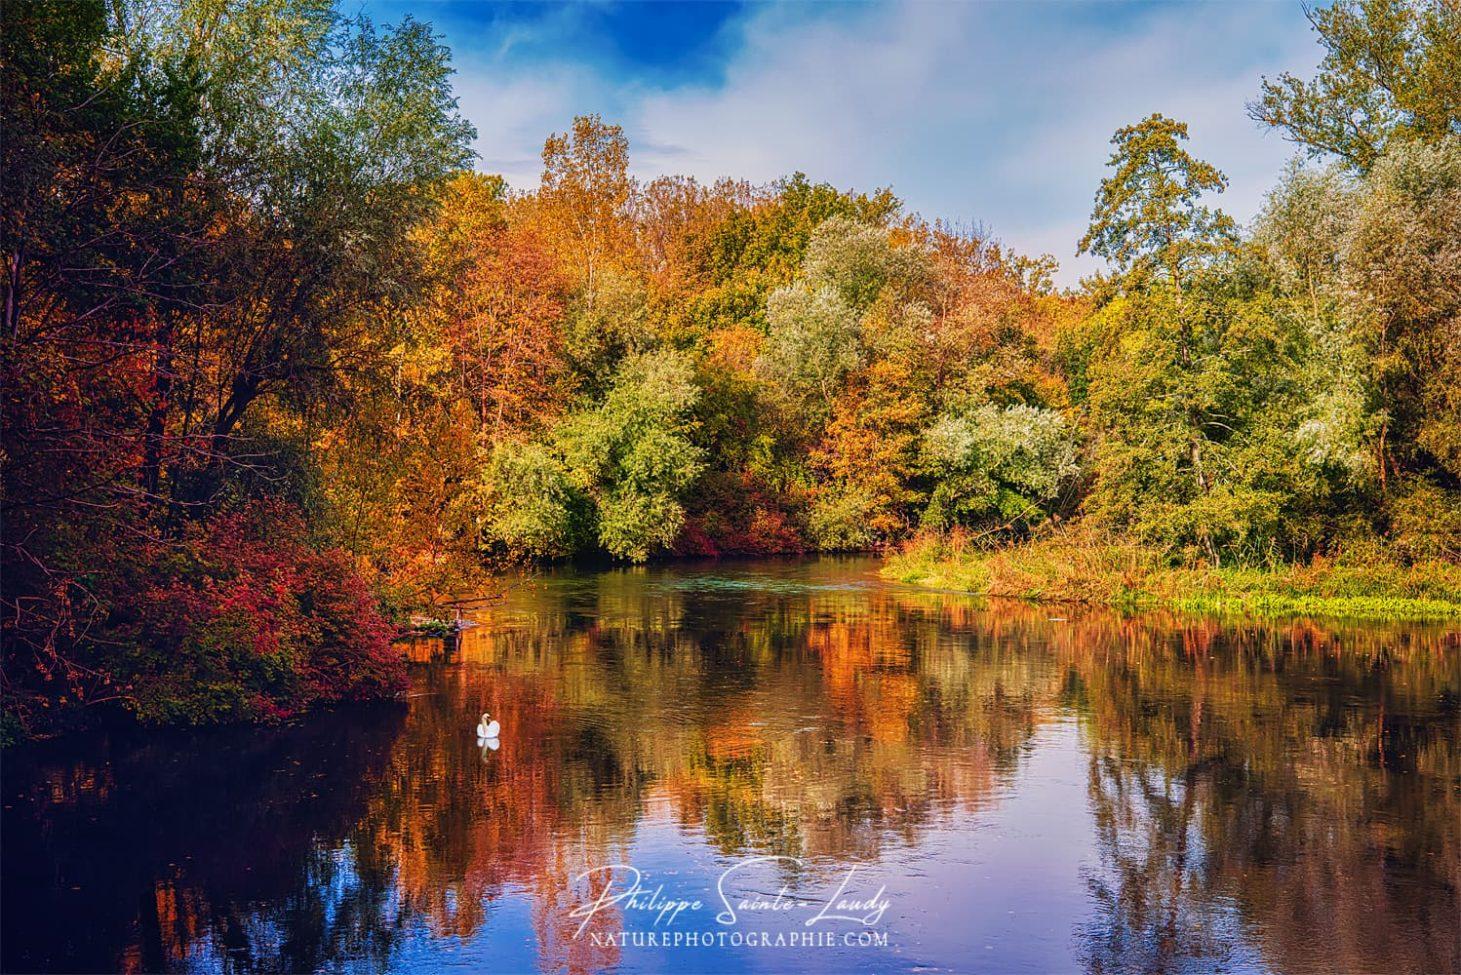 Couleurs de l'automne en forêt